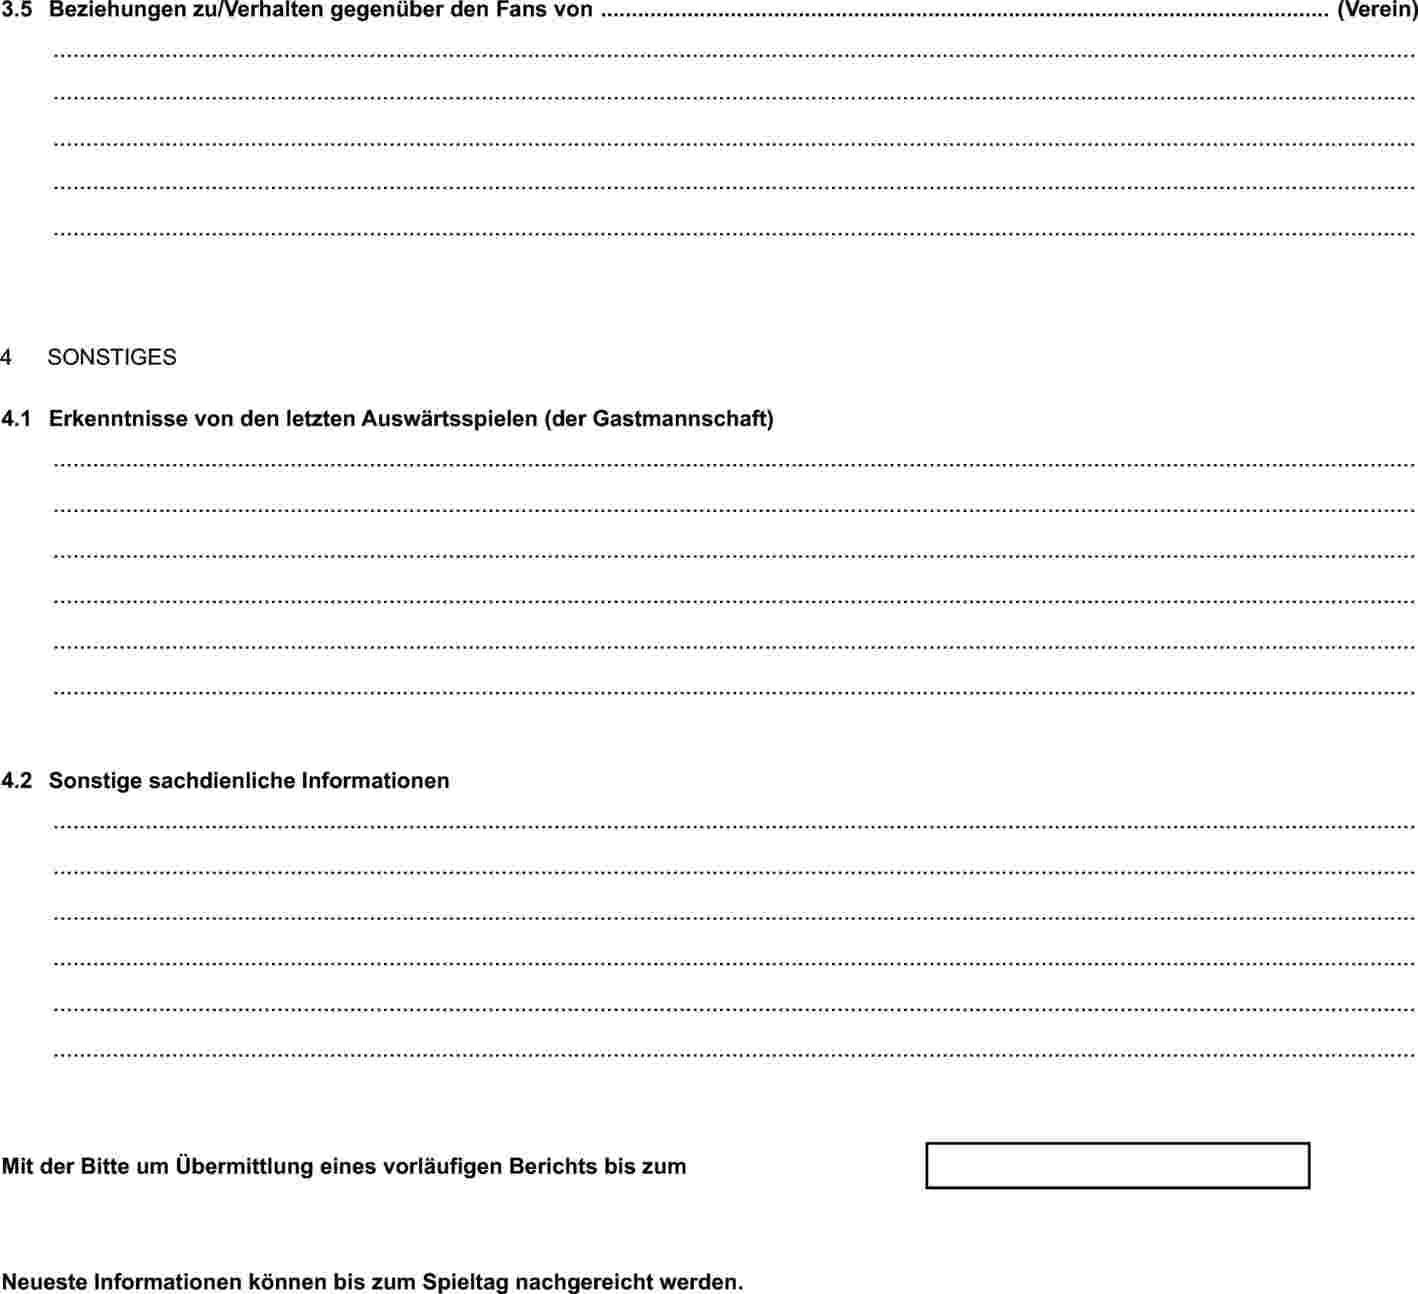 Binäre optionen echte broker mit sitz in deutschland bild 9